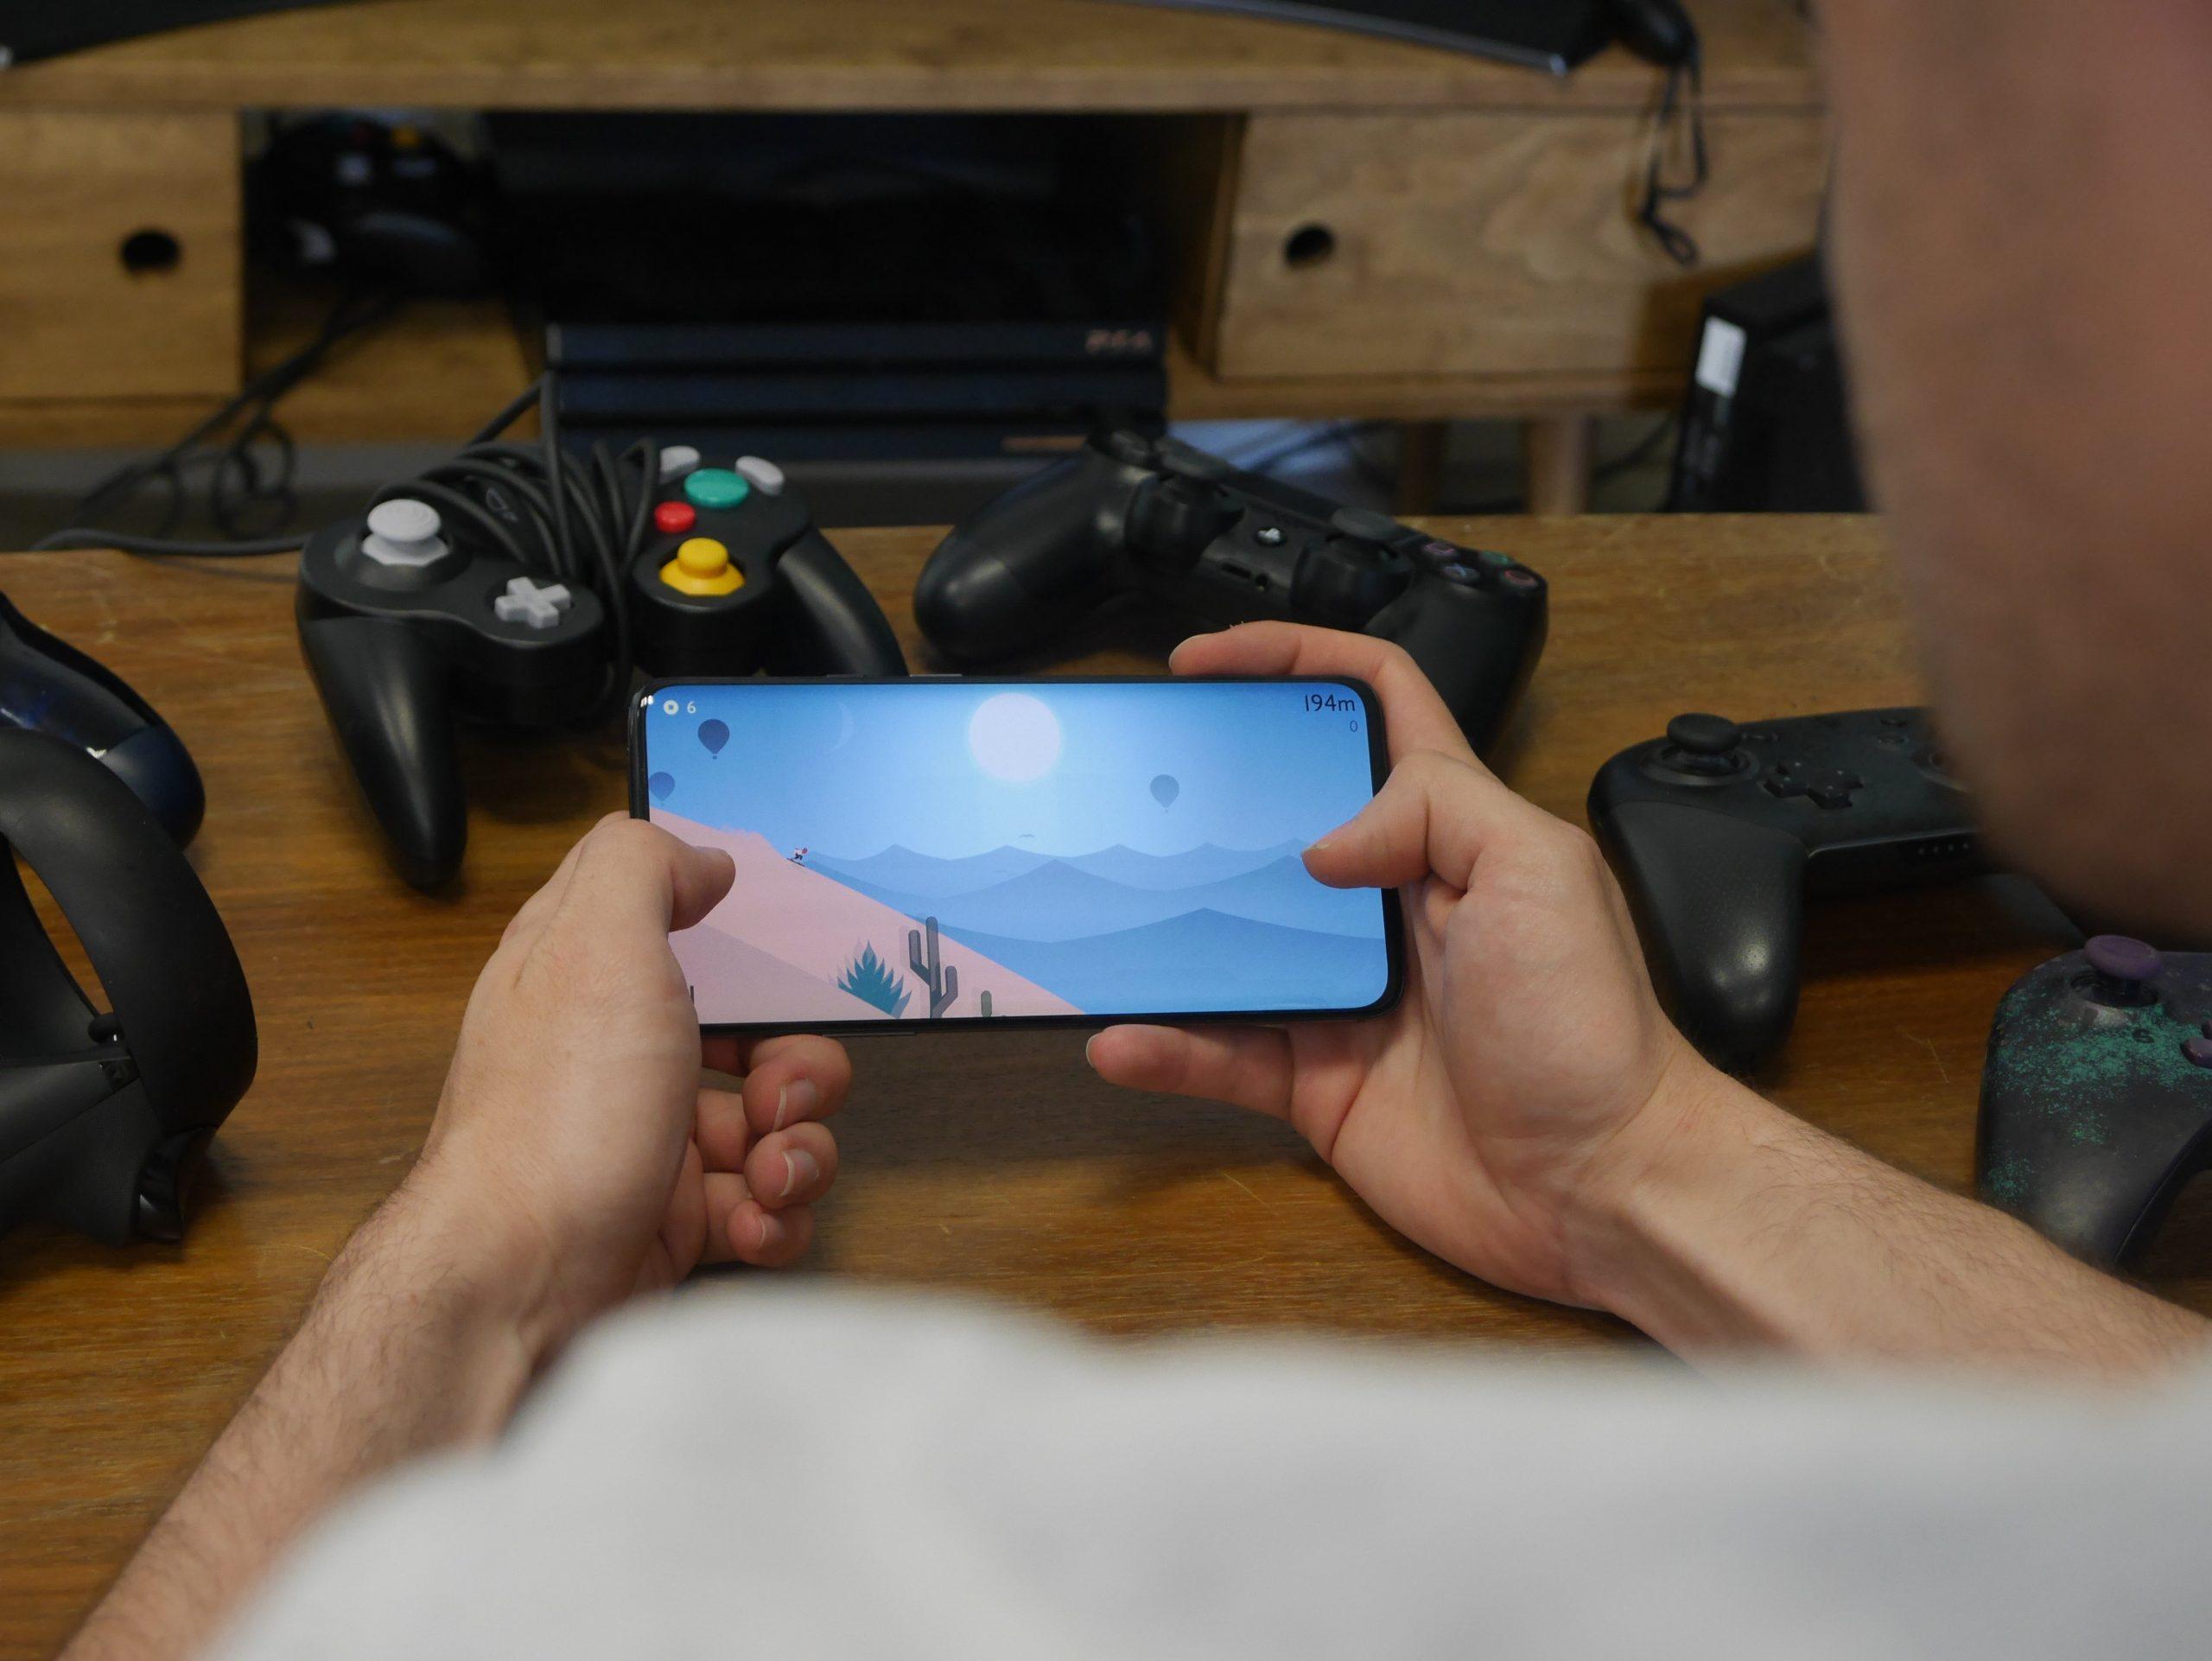 Les Meilleurs Jeux Gratuits Sur Android En 2020 dedans Jeux 5 Ans Gratuit